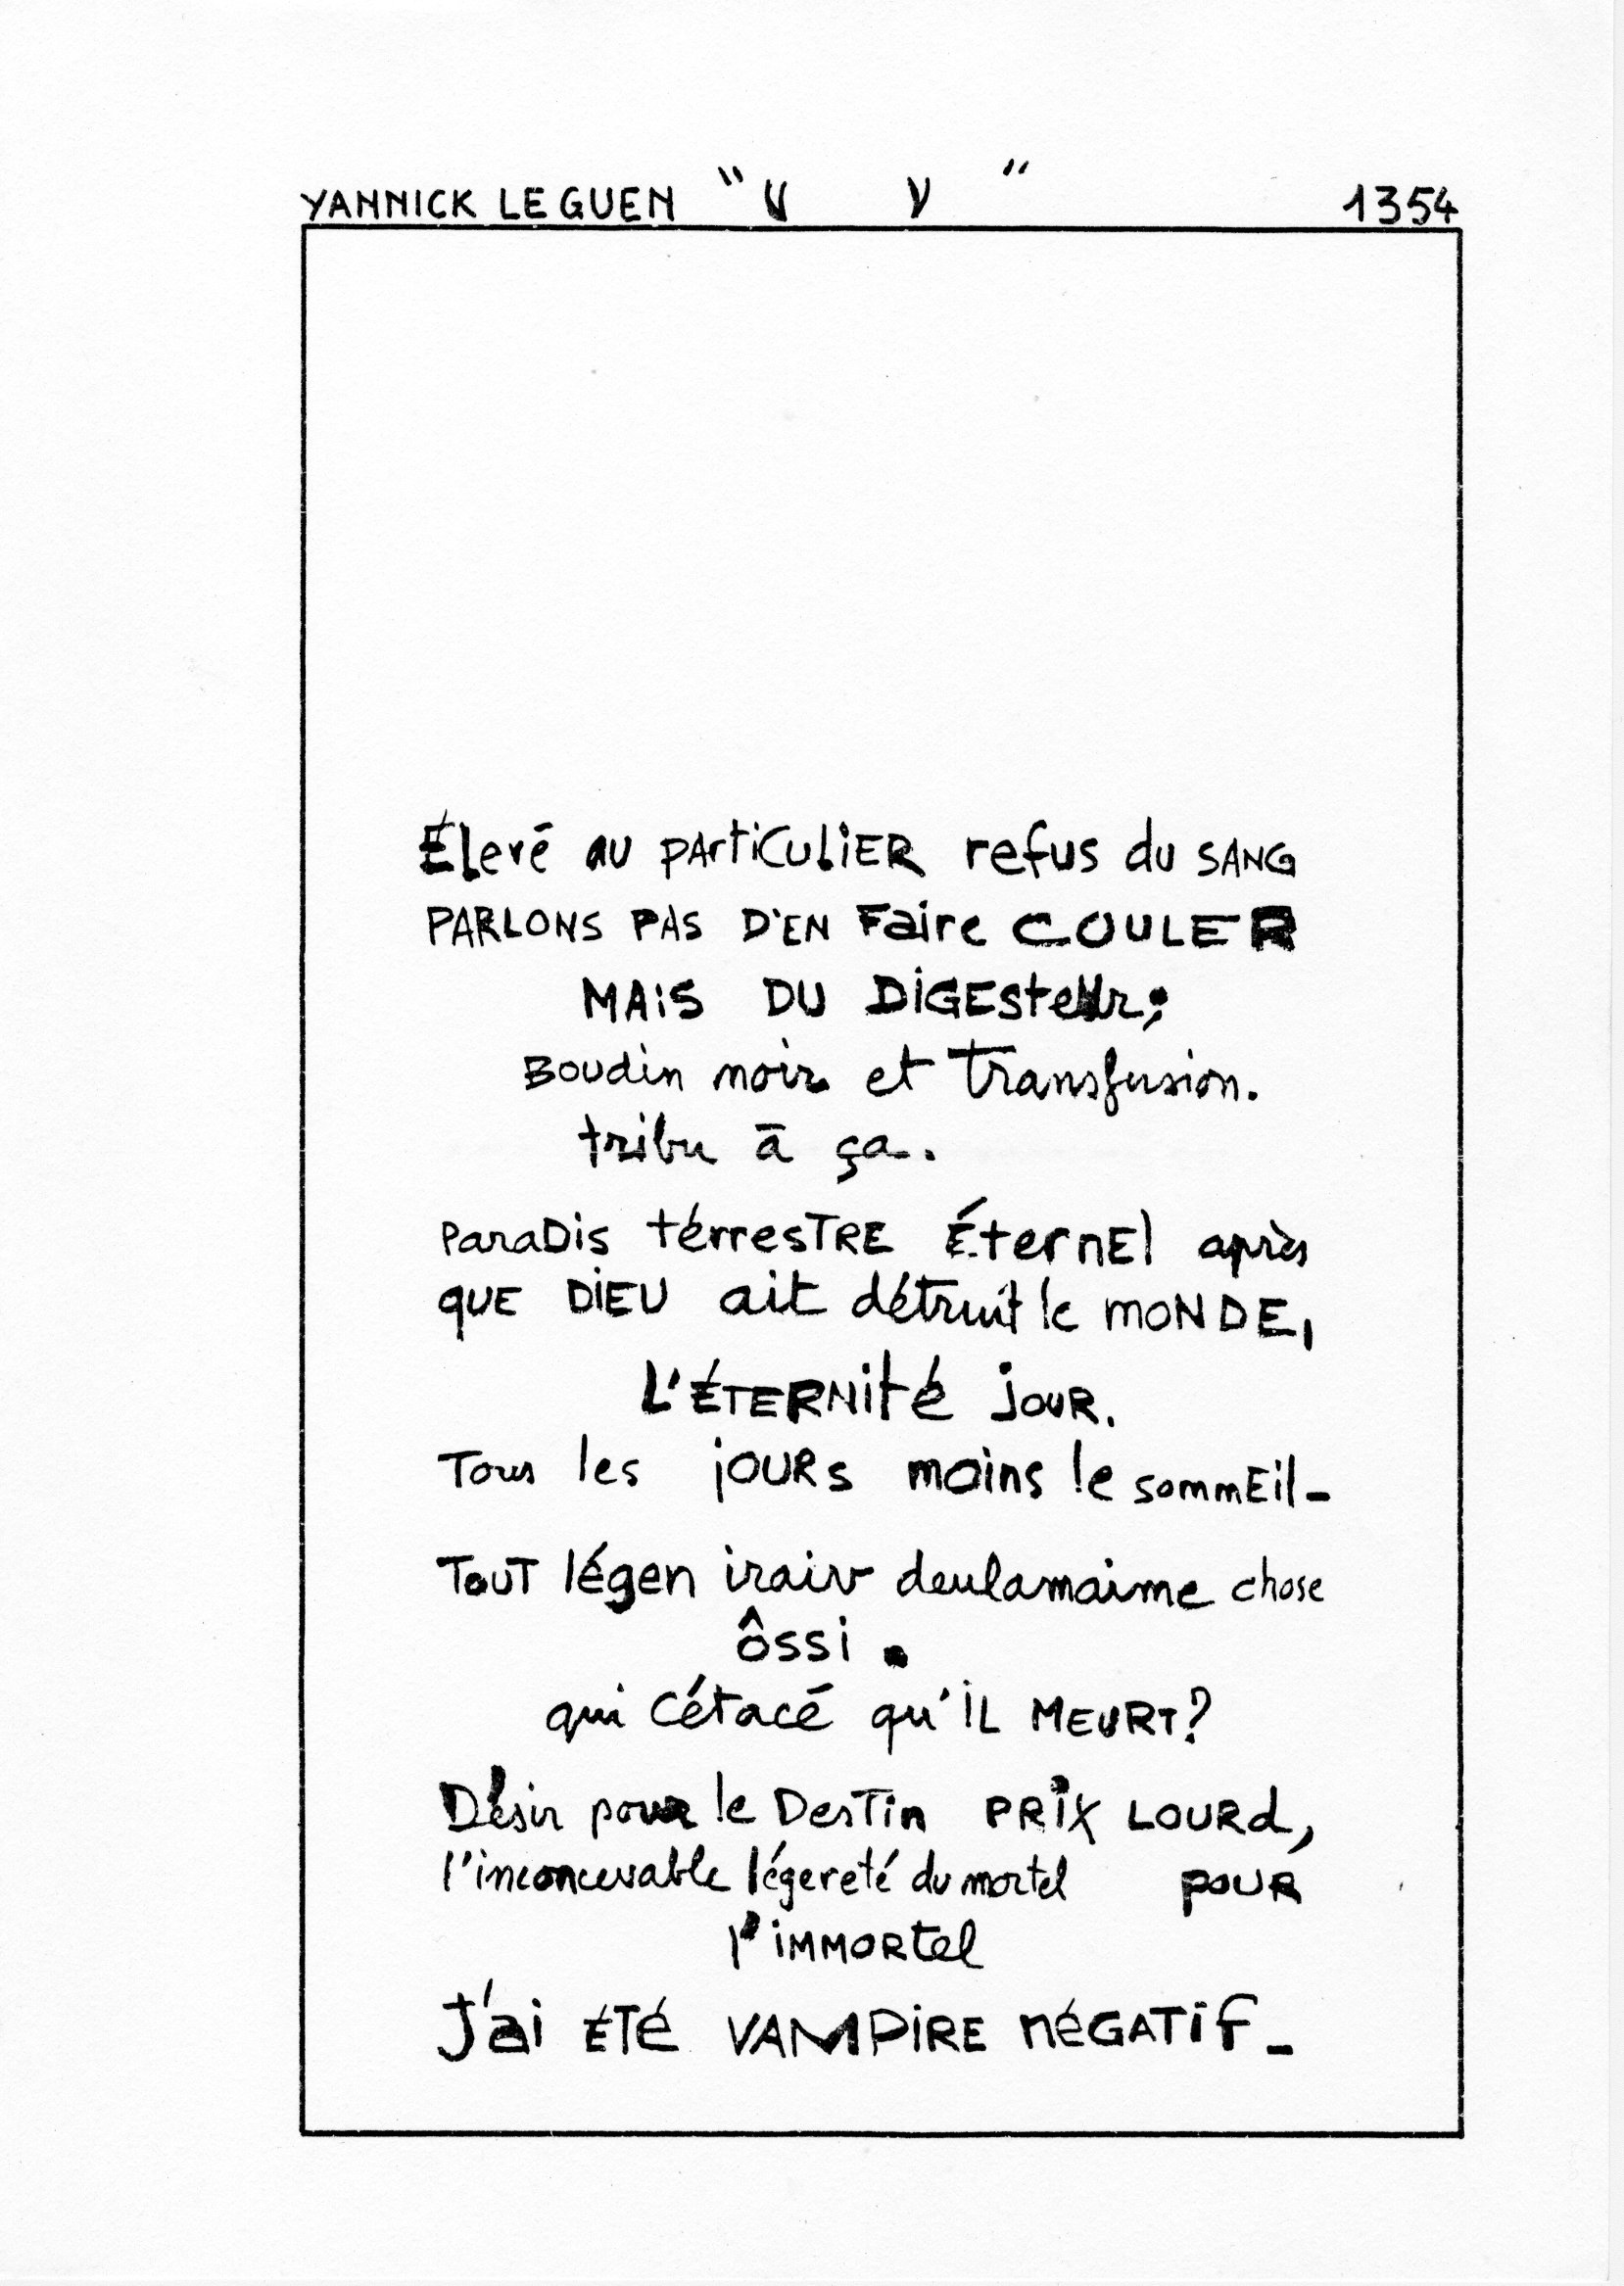 page 1354 Y. Leguen SANS TITRE